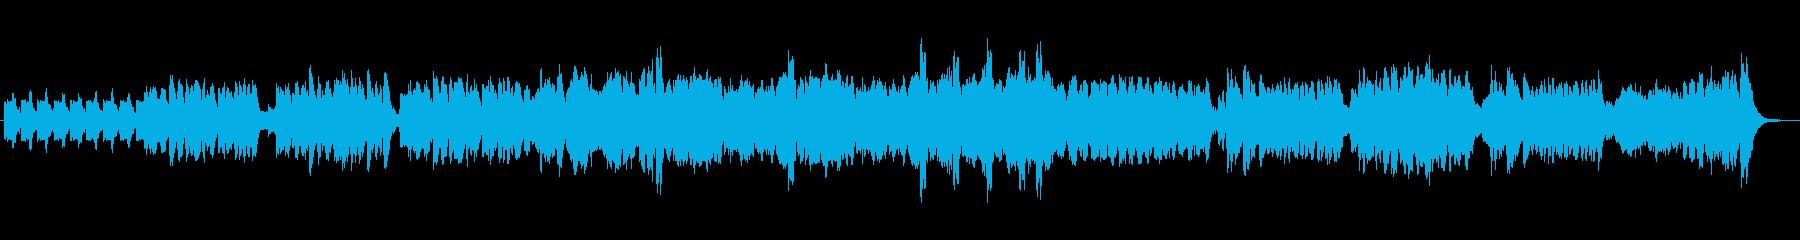 金平糖の踊りのBGM用です。の再生済みの波形